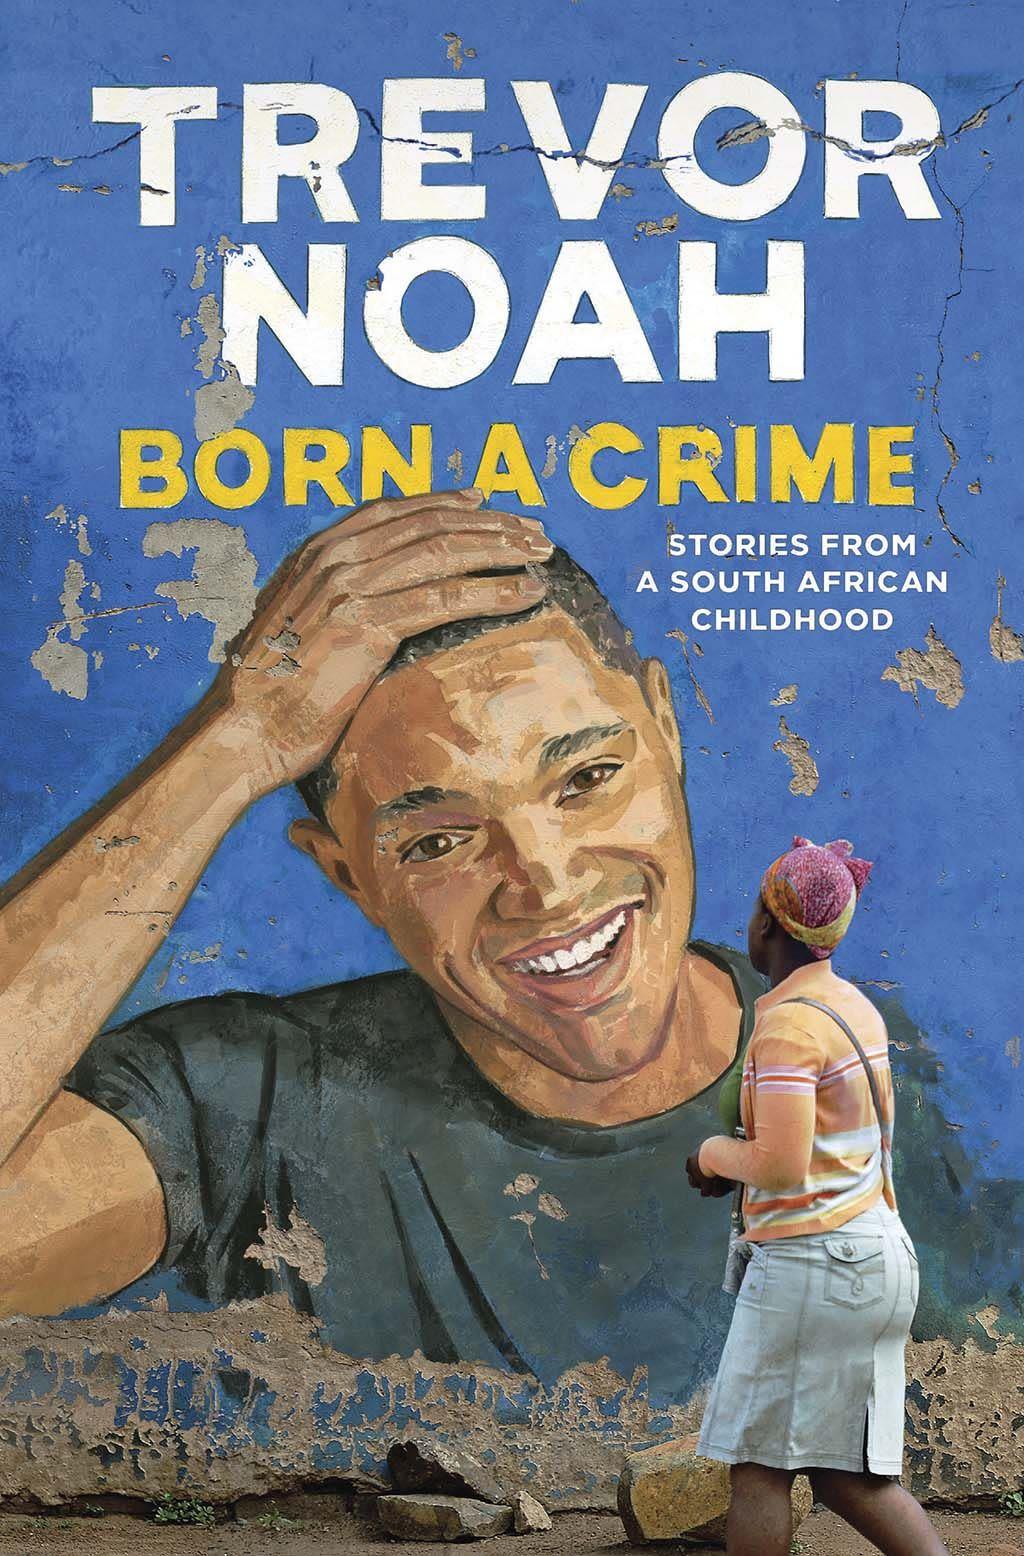 Born a Crime by Trevor Noah Book cover